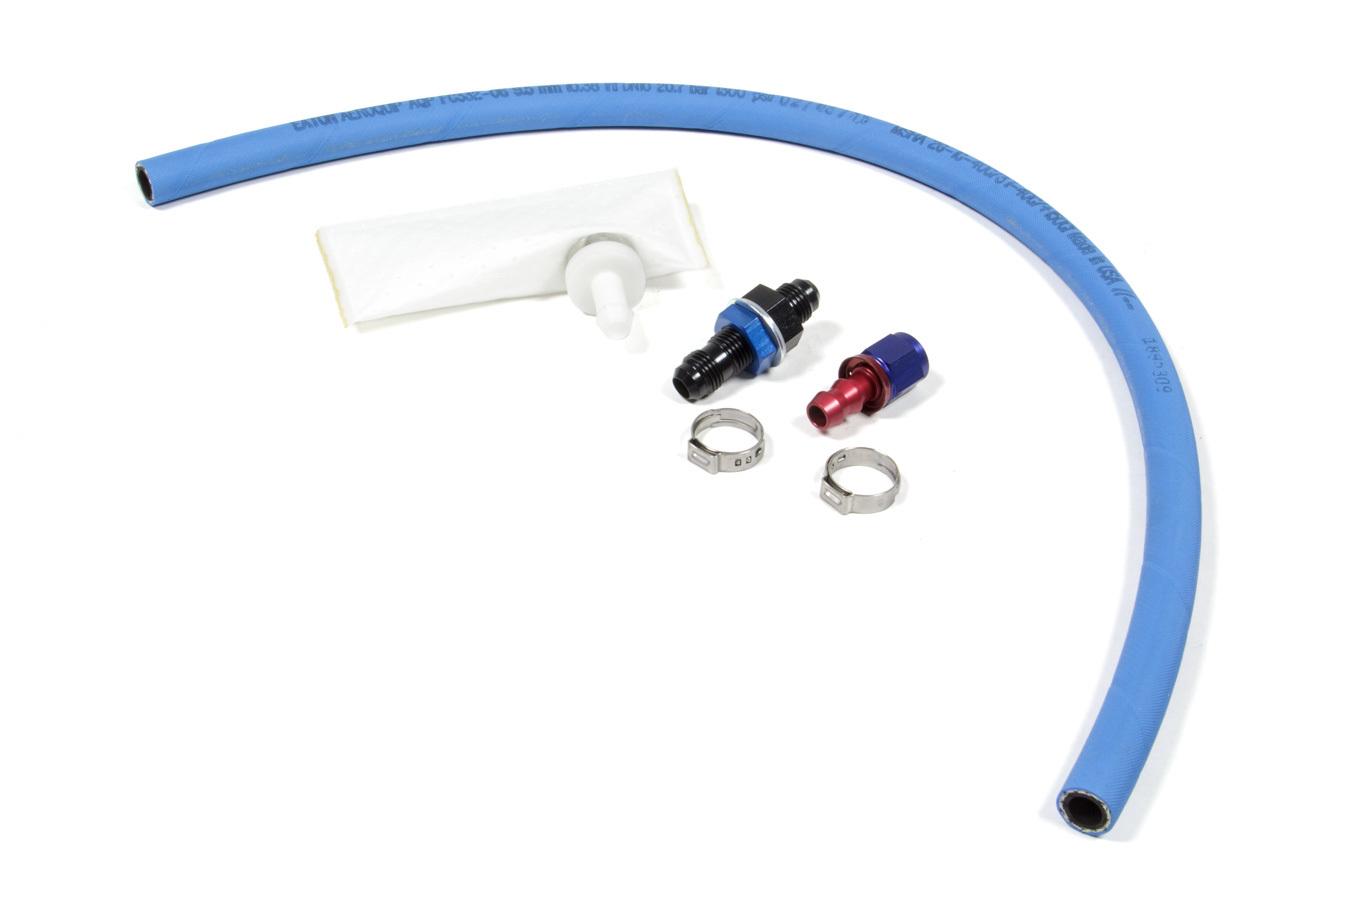 Fuel Safe 3/8in Fuel Pick-Up Kit